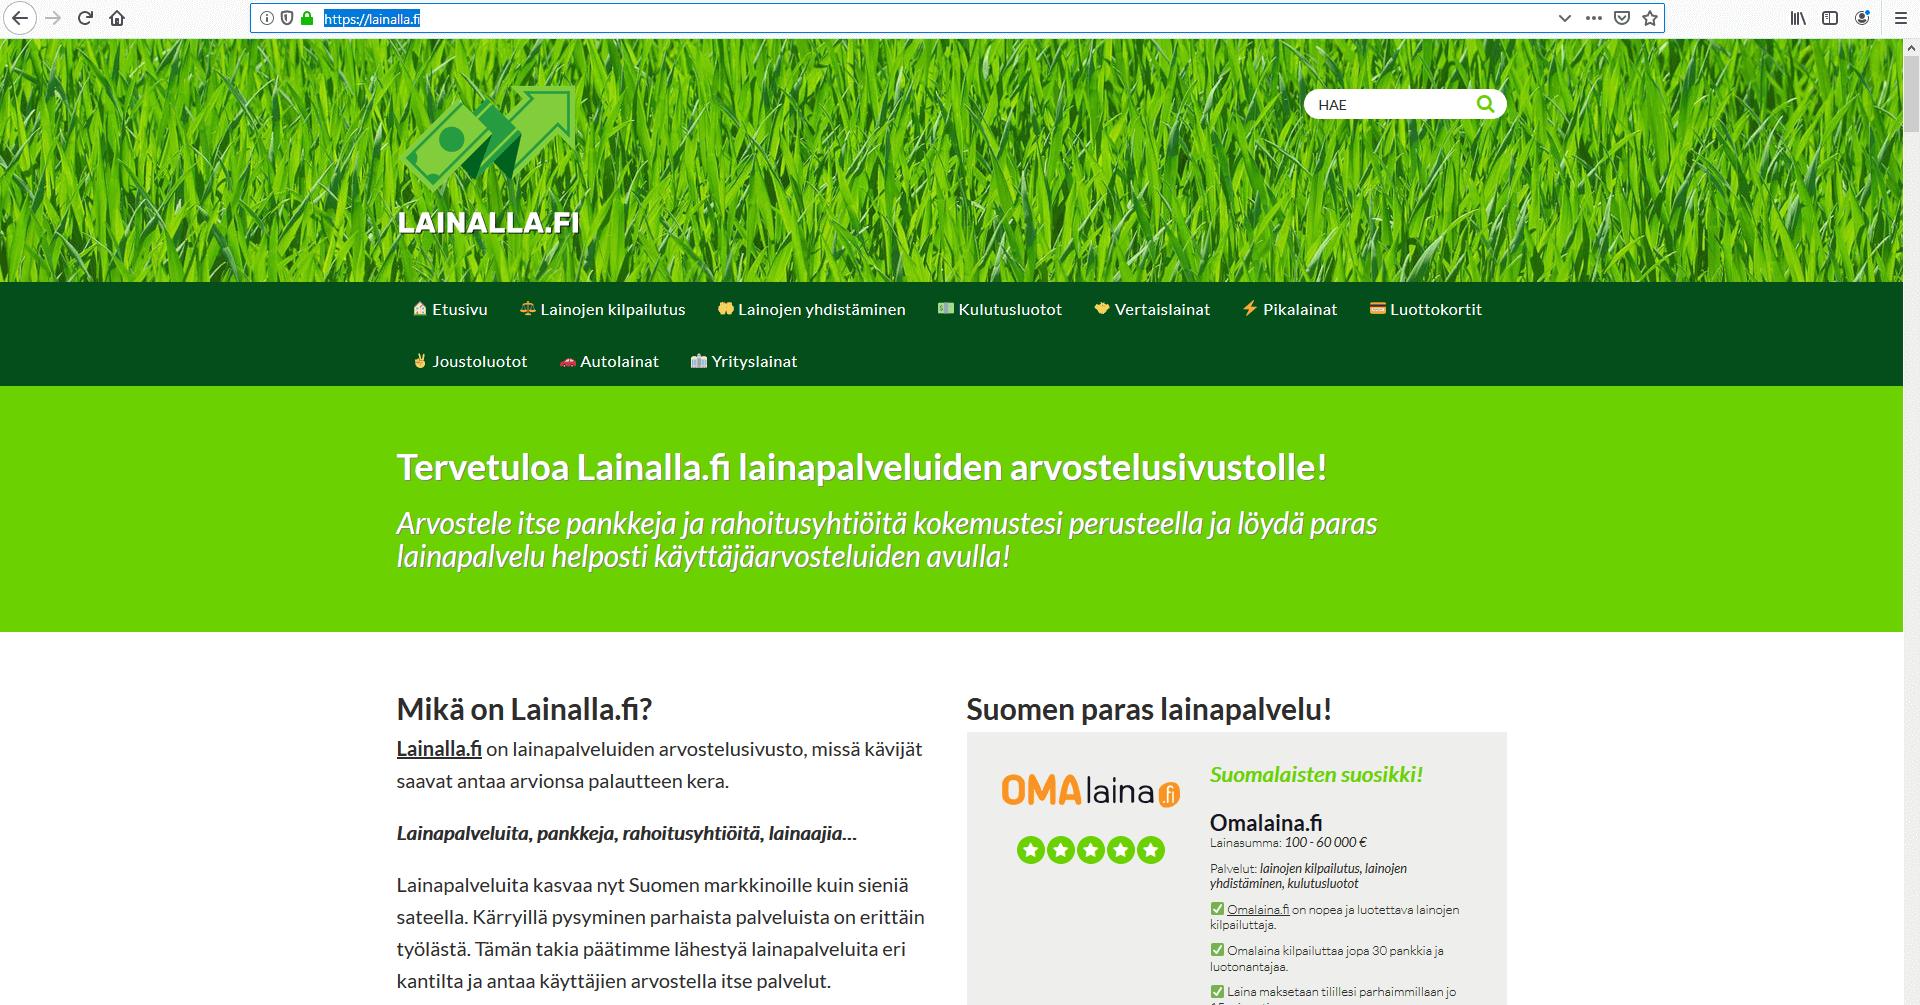 Lainalla.fi lainapalveluiden arvostelusivusto